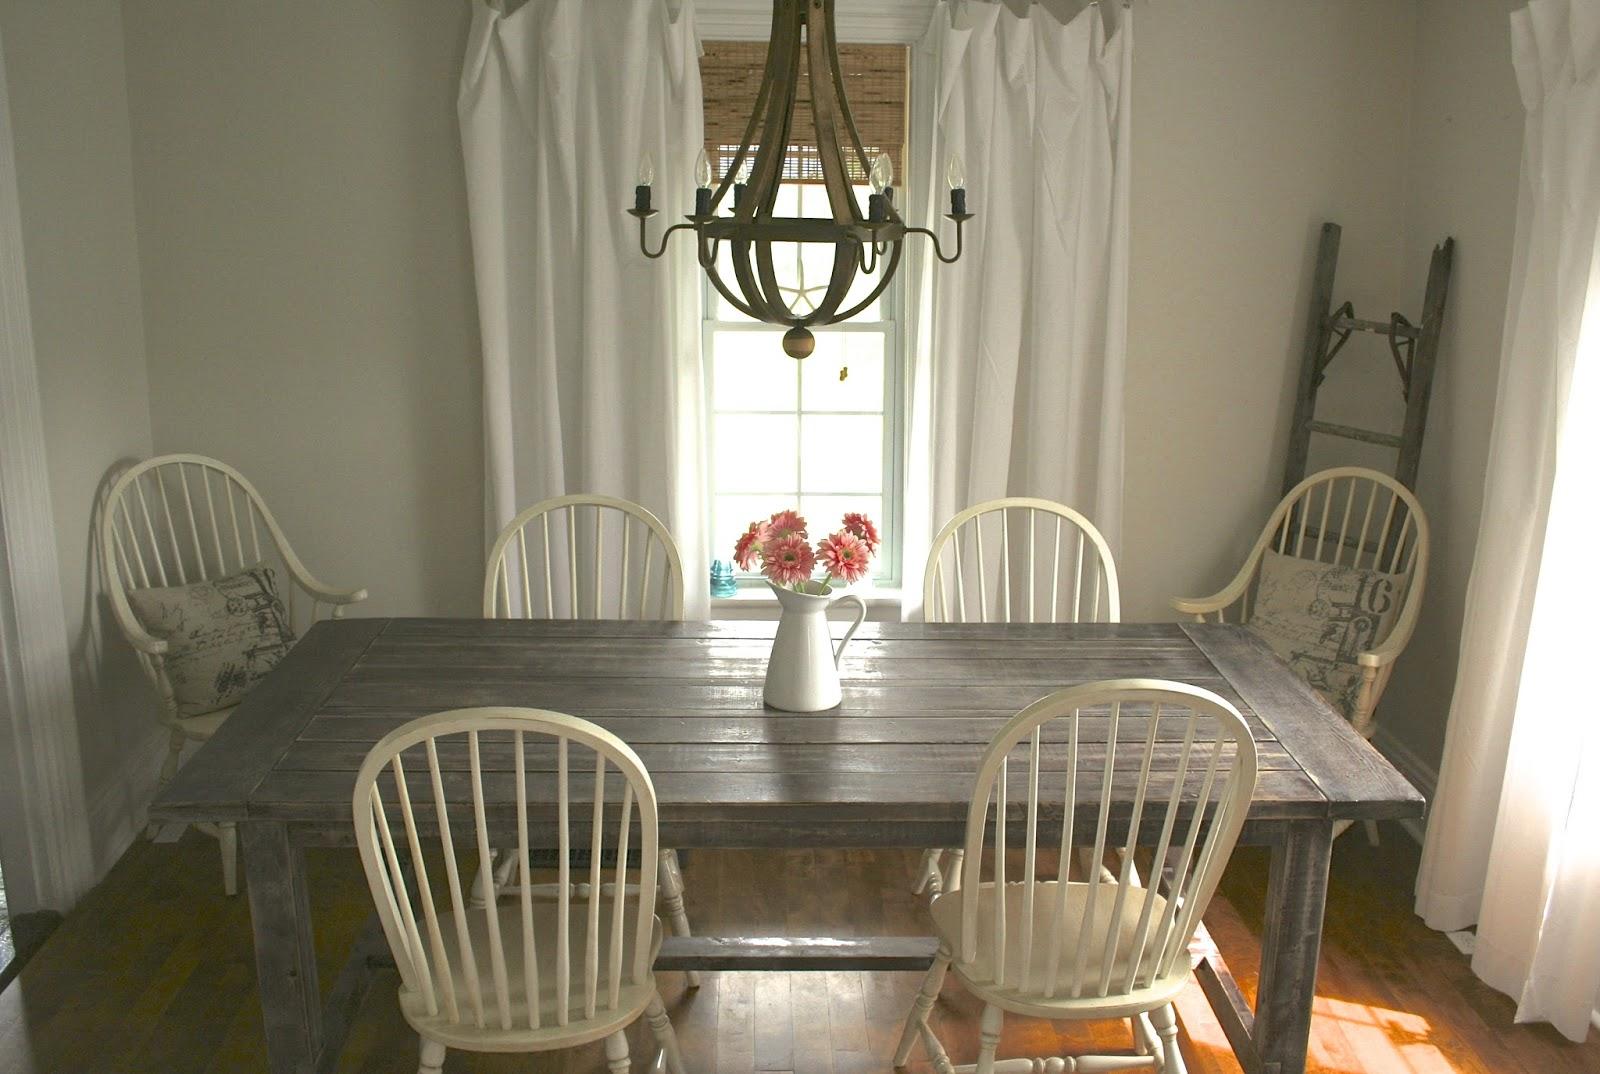 Living Room / Dining Room Reveal! - Nest of Bliss